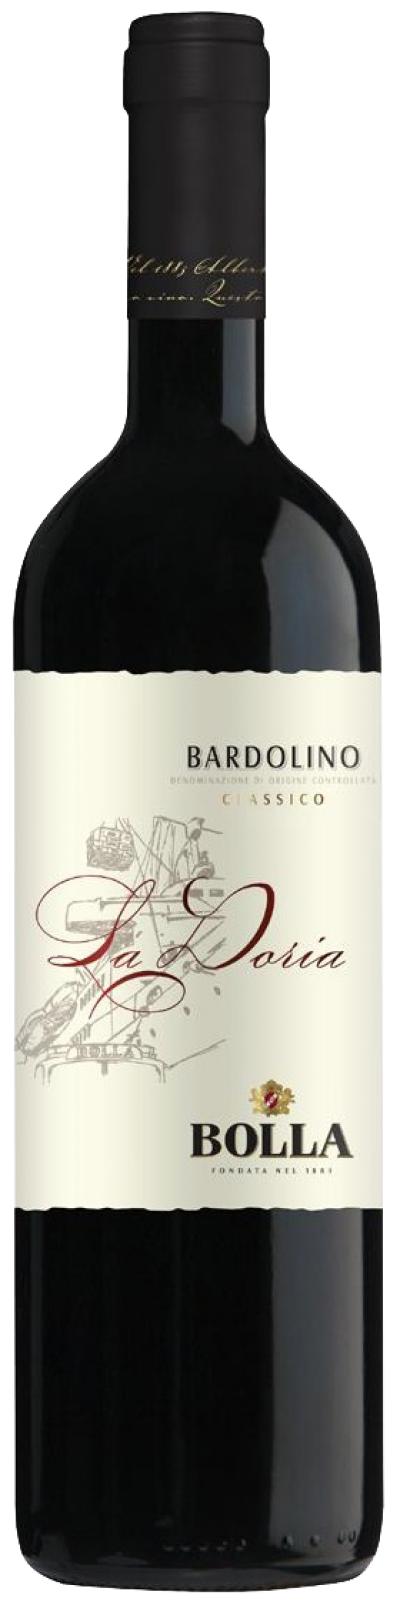 packshot Bolla Bardolino Classico DOC